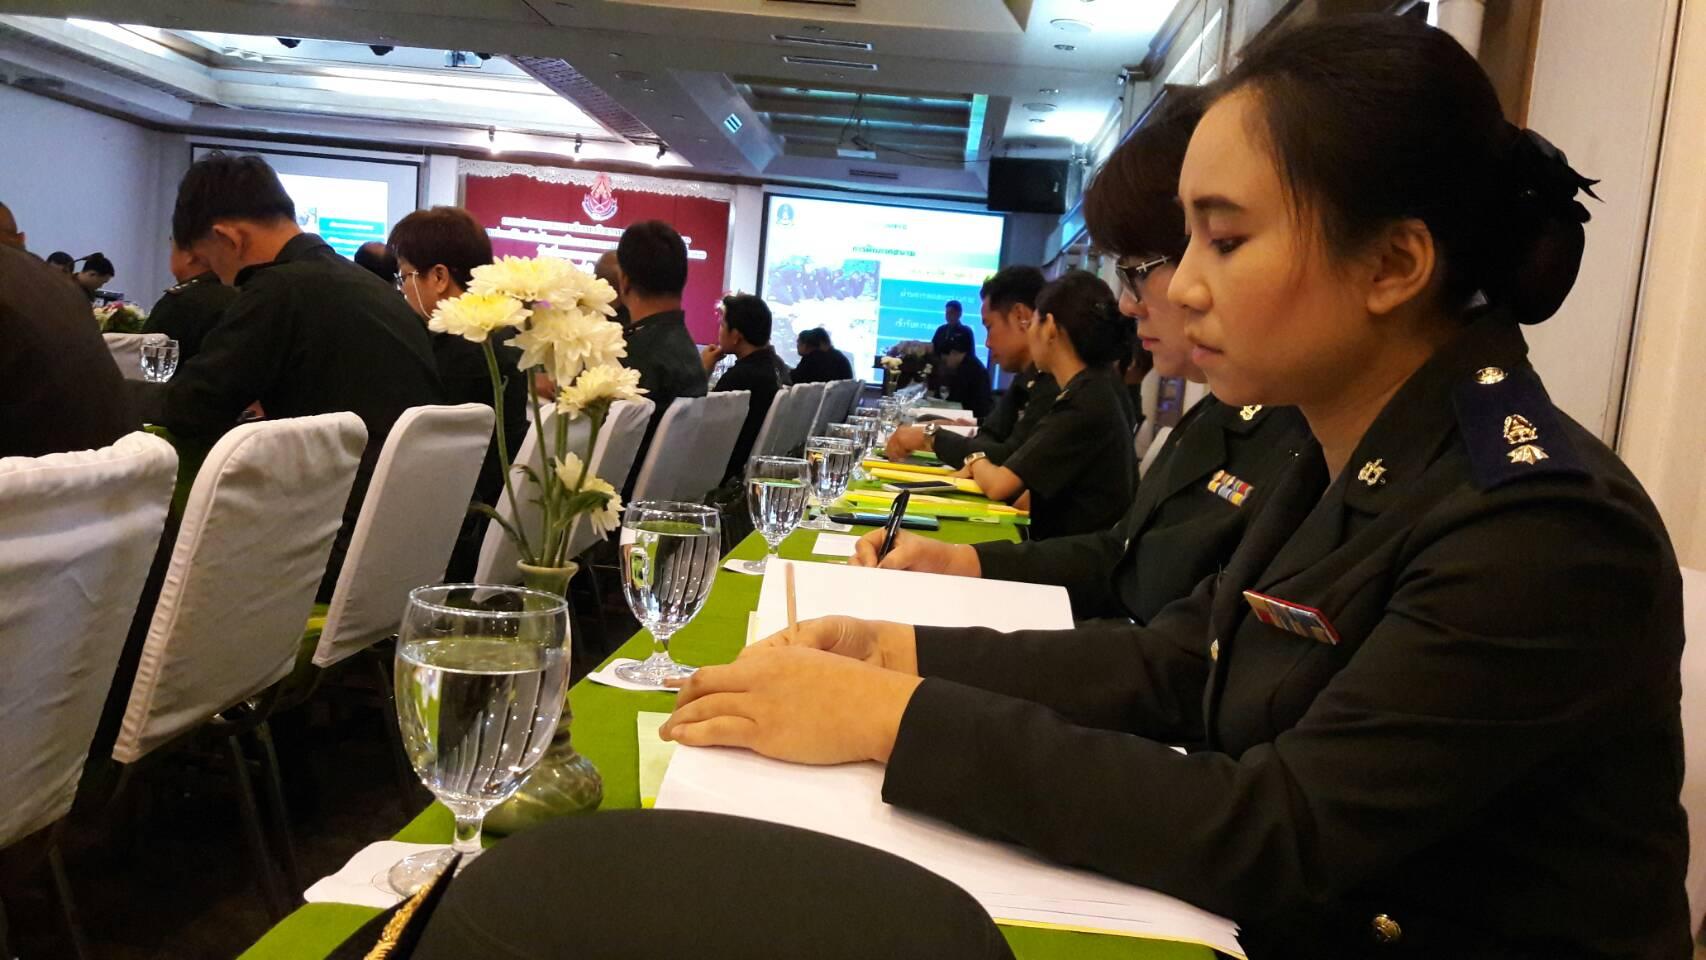 มทร.ล้านนา ชร. เข้าร่วมประชุมชี้แจงการฝึกนักศึกษาวิชาทหาร